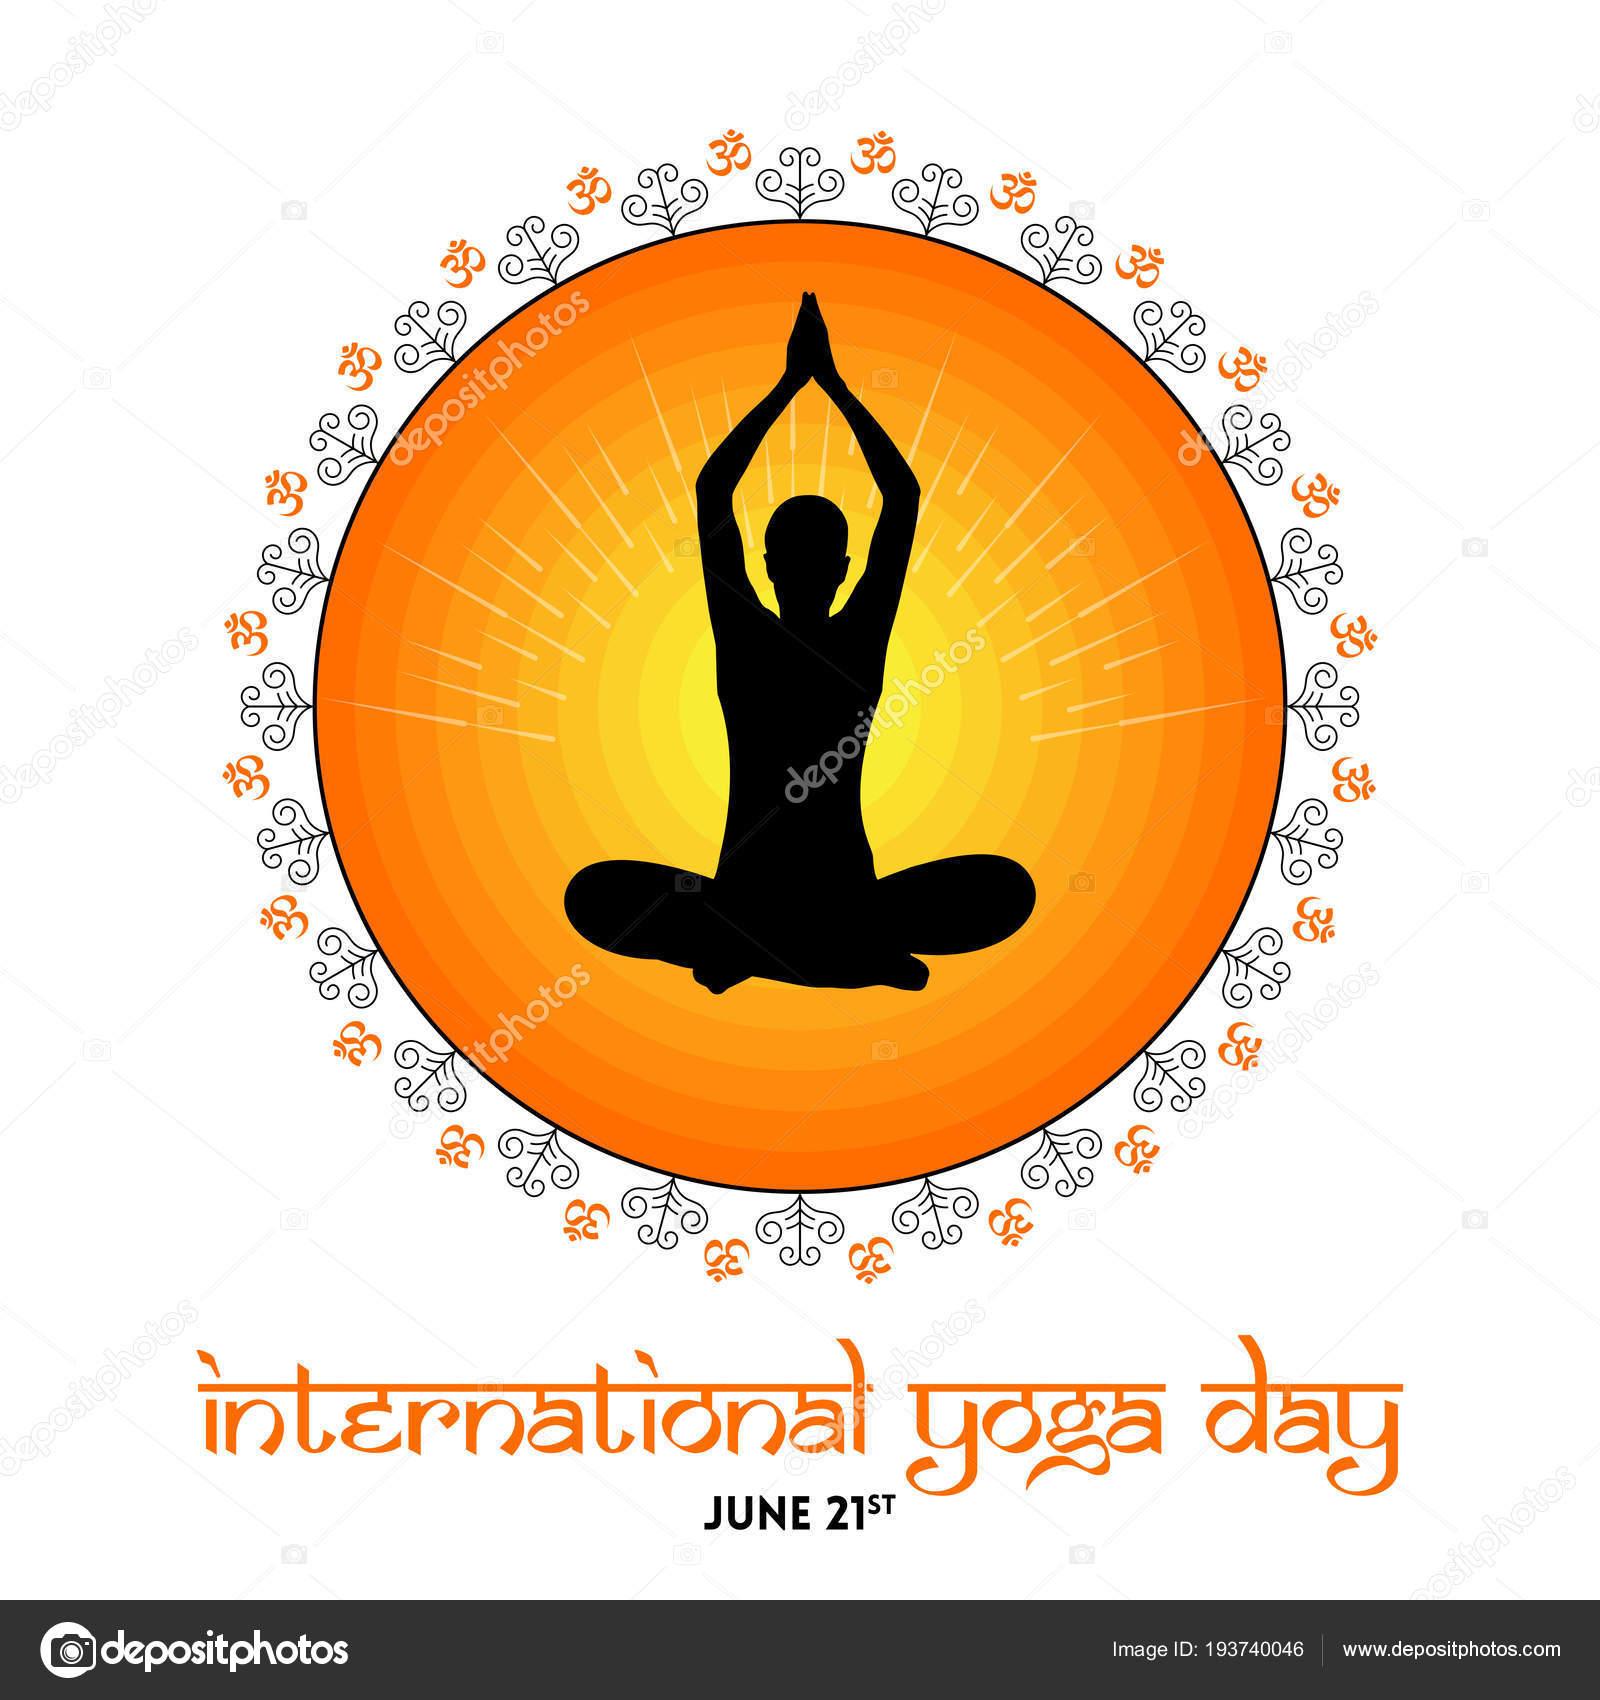 International Yoga Day Poster Human Silhouette Praying Hands Orange Circle Stock Vector C Satheeshsankaran 193740046